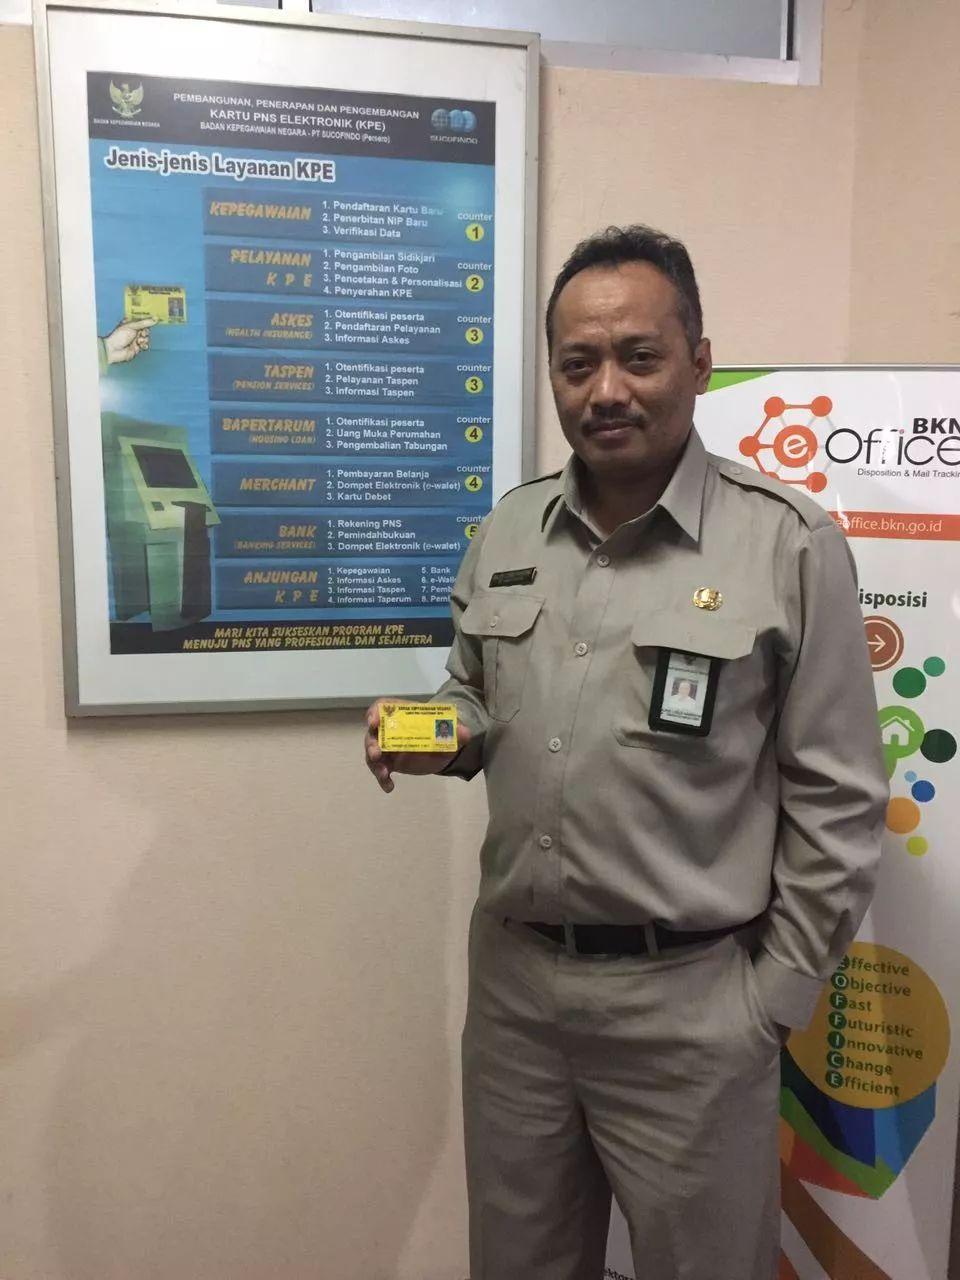 HID Global助力印尼政府高效打印智能卡